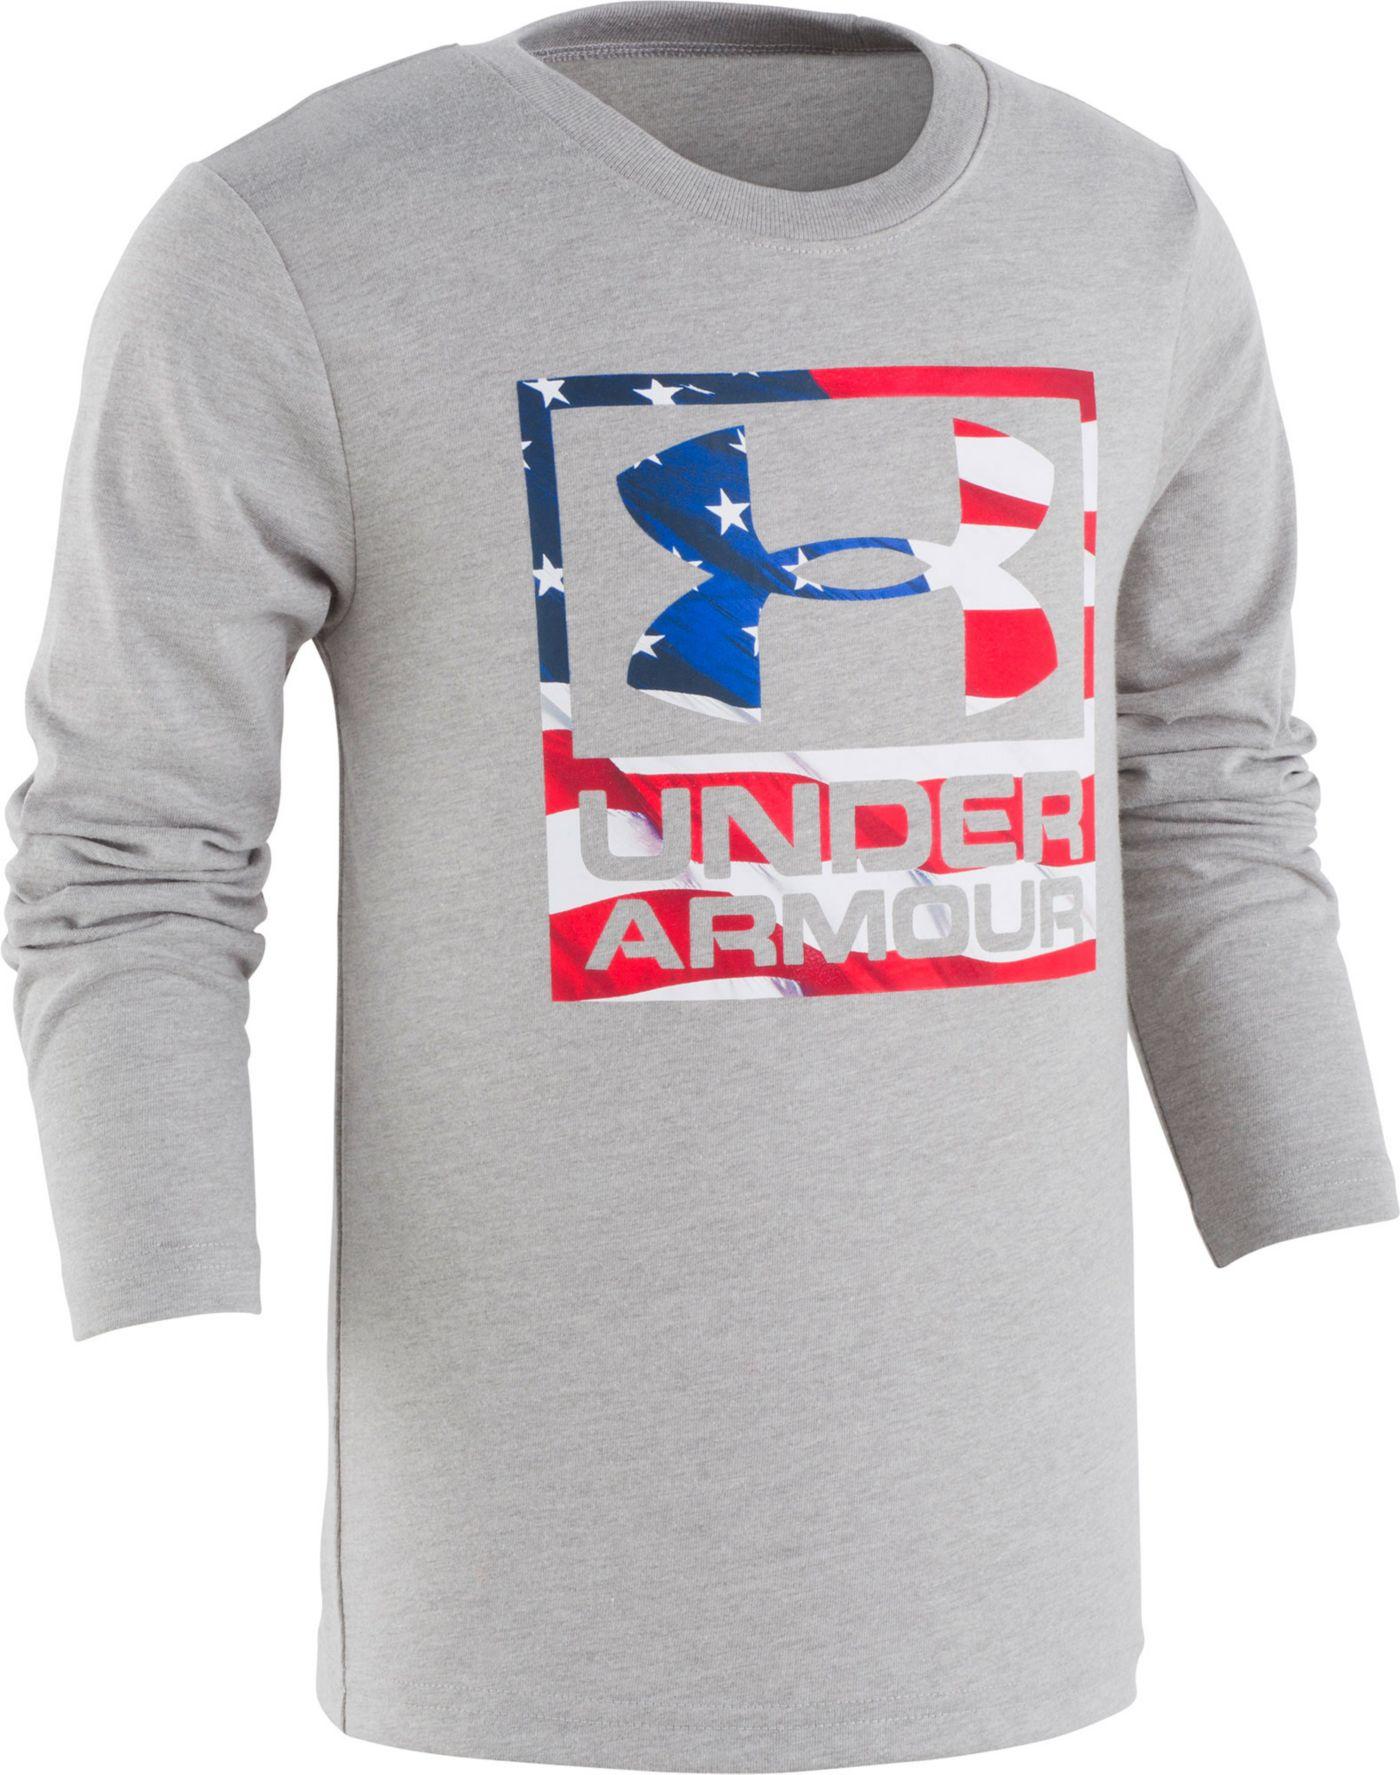 Under Armour Little Boys' Flag Wordmark Long Sleeve Shirt